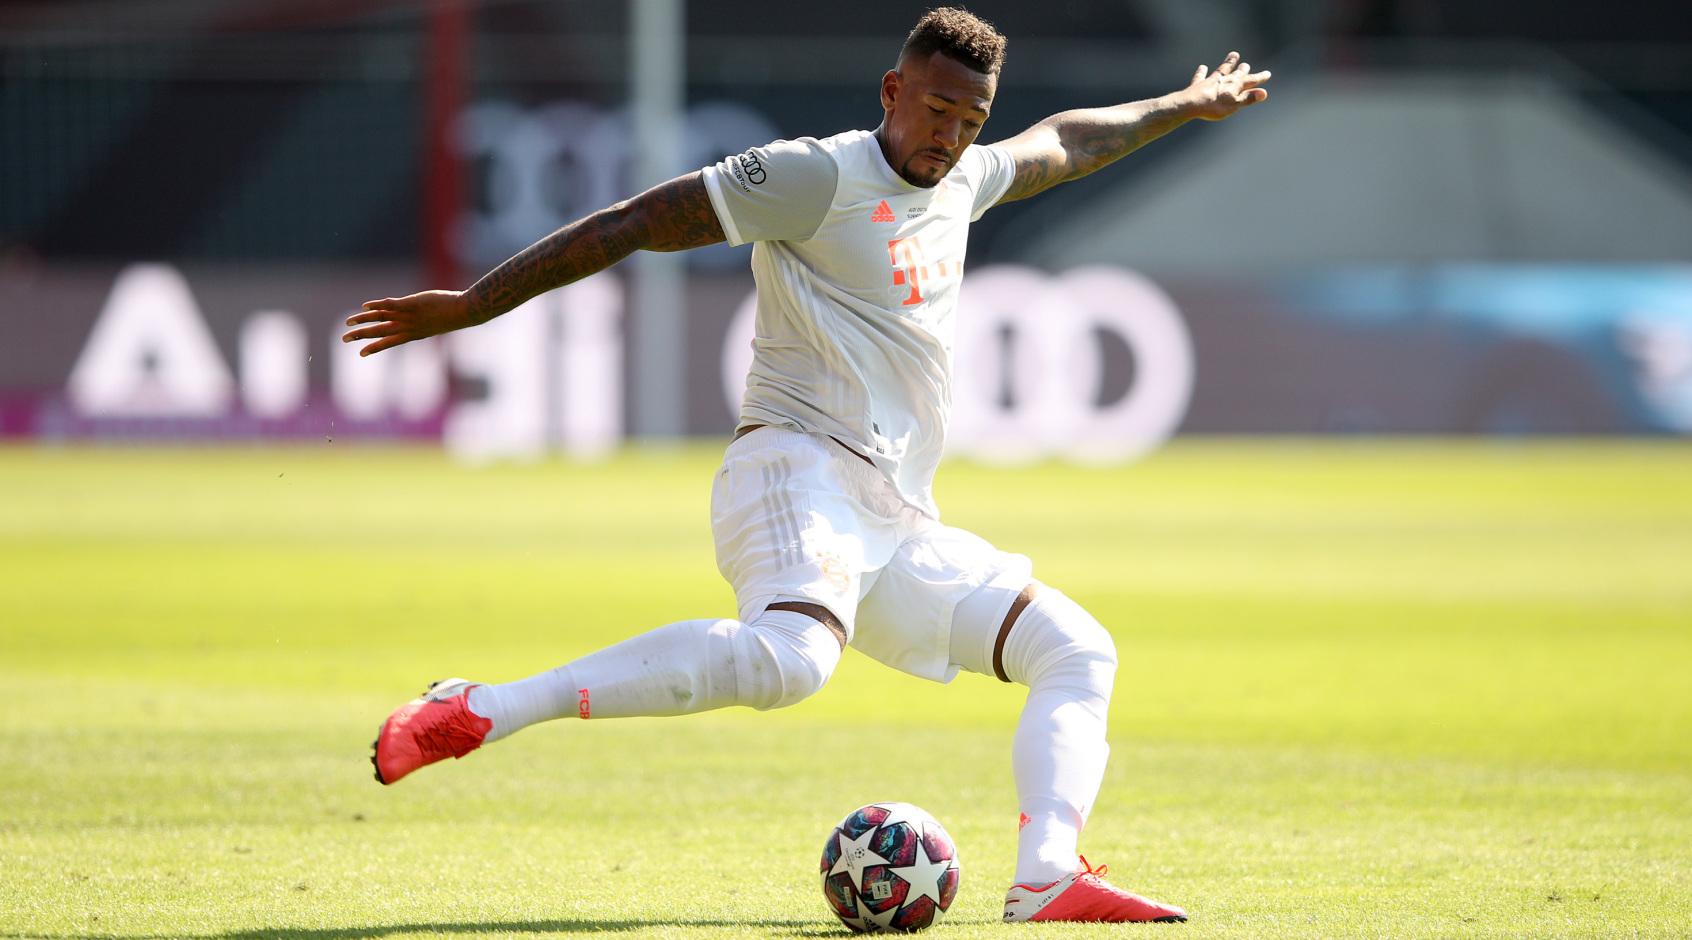 Жером Боатенг сменил имидж перед началом старта нового сезона в Бундеслиге